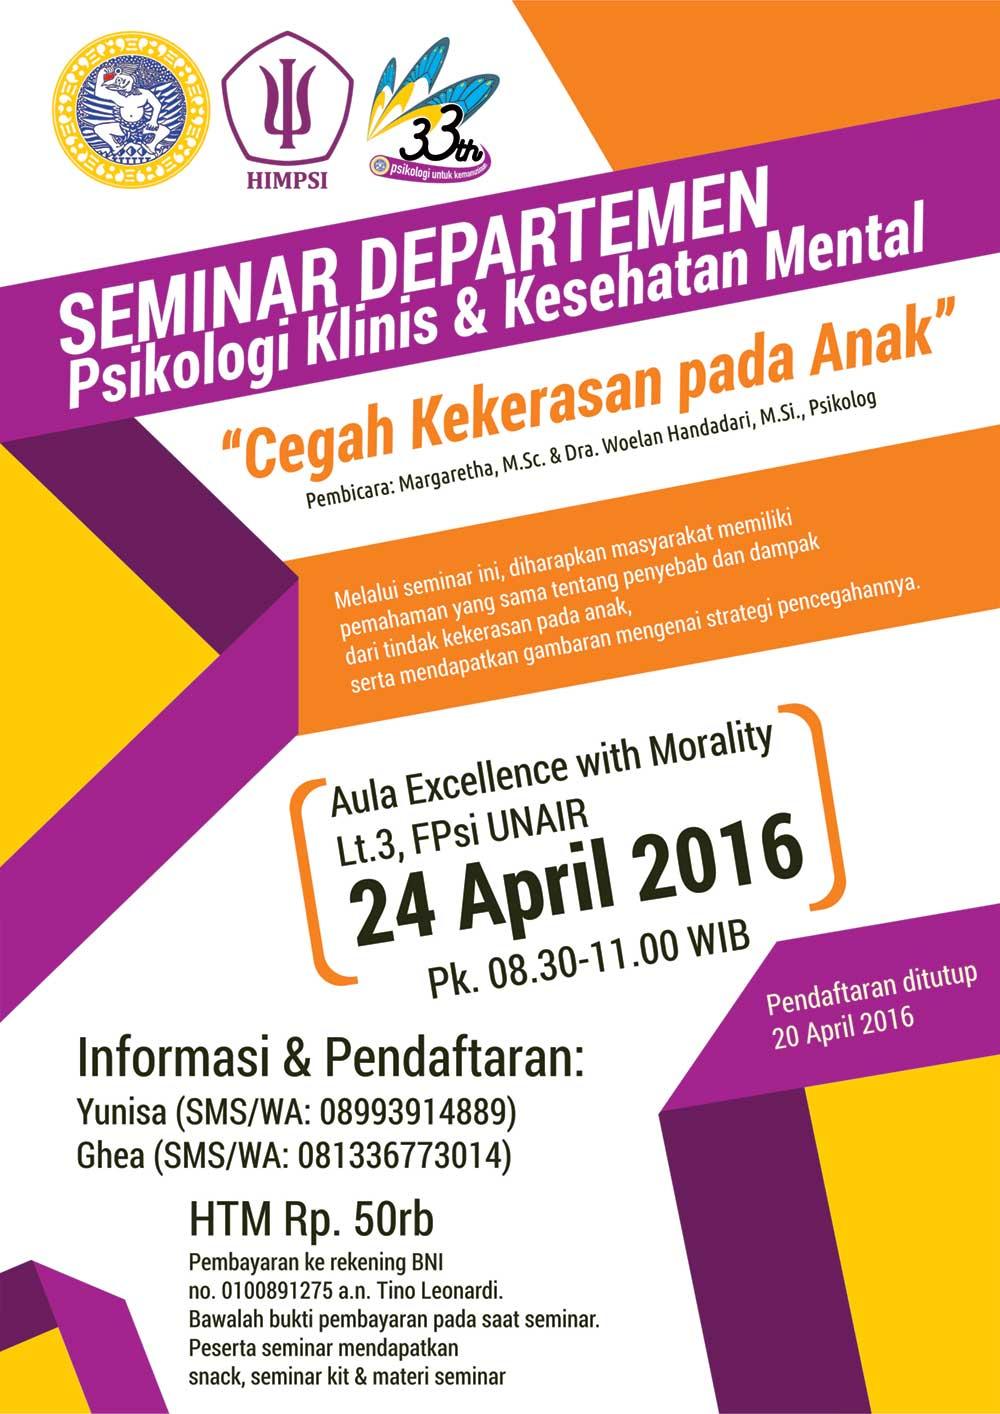 Seminar Departemen Psikologi Klinis & Kesehatan Mental ...